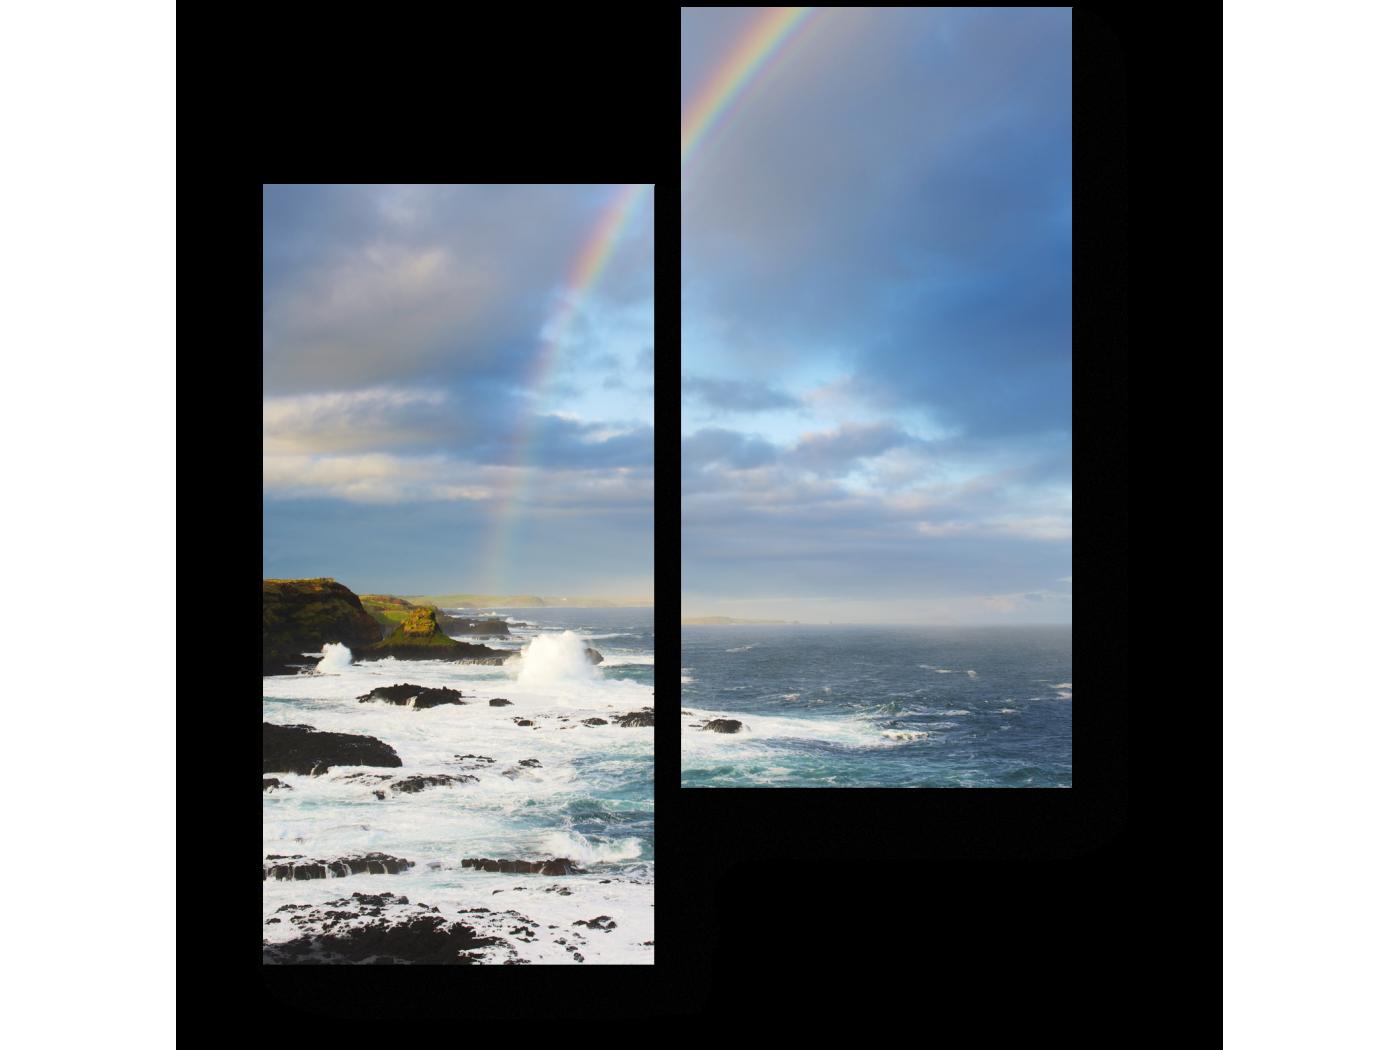 Модульная картина Морской пейзаж с радугой (40x50) фото